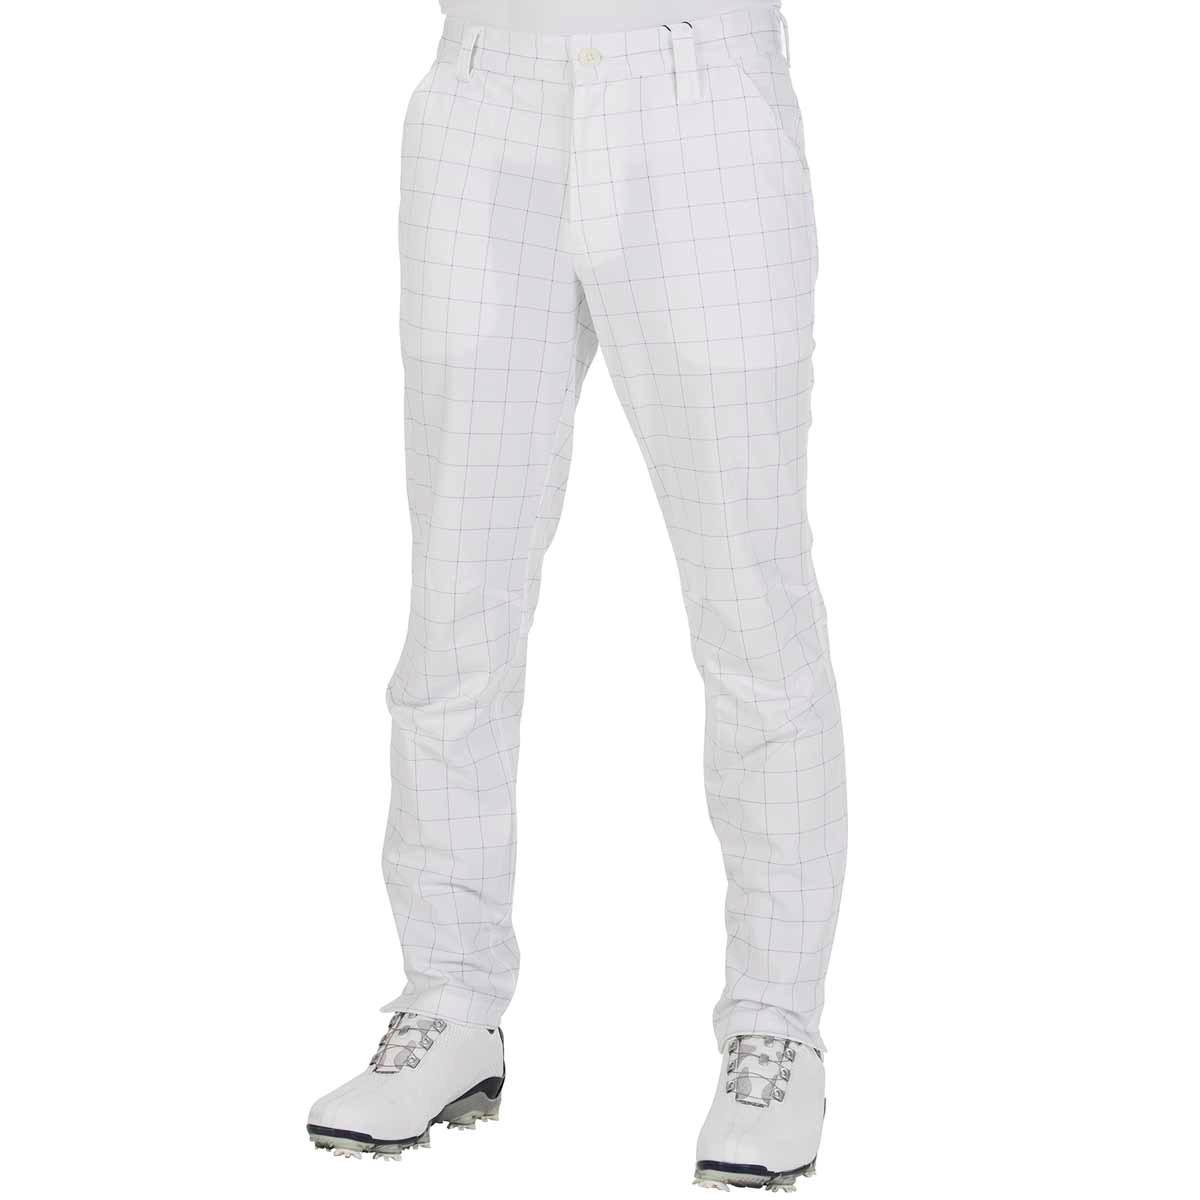 GDO オリジナル 6ポケットジャージゴルフパンツ 股下76cm